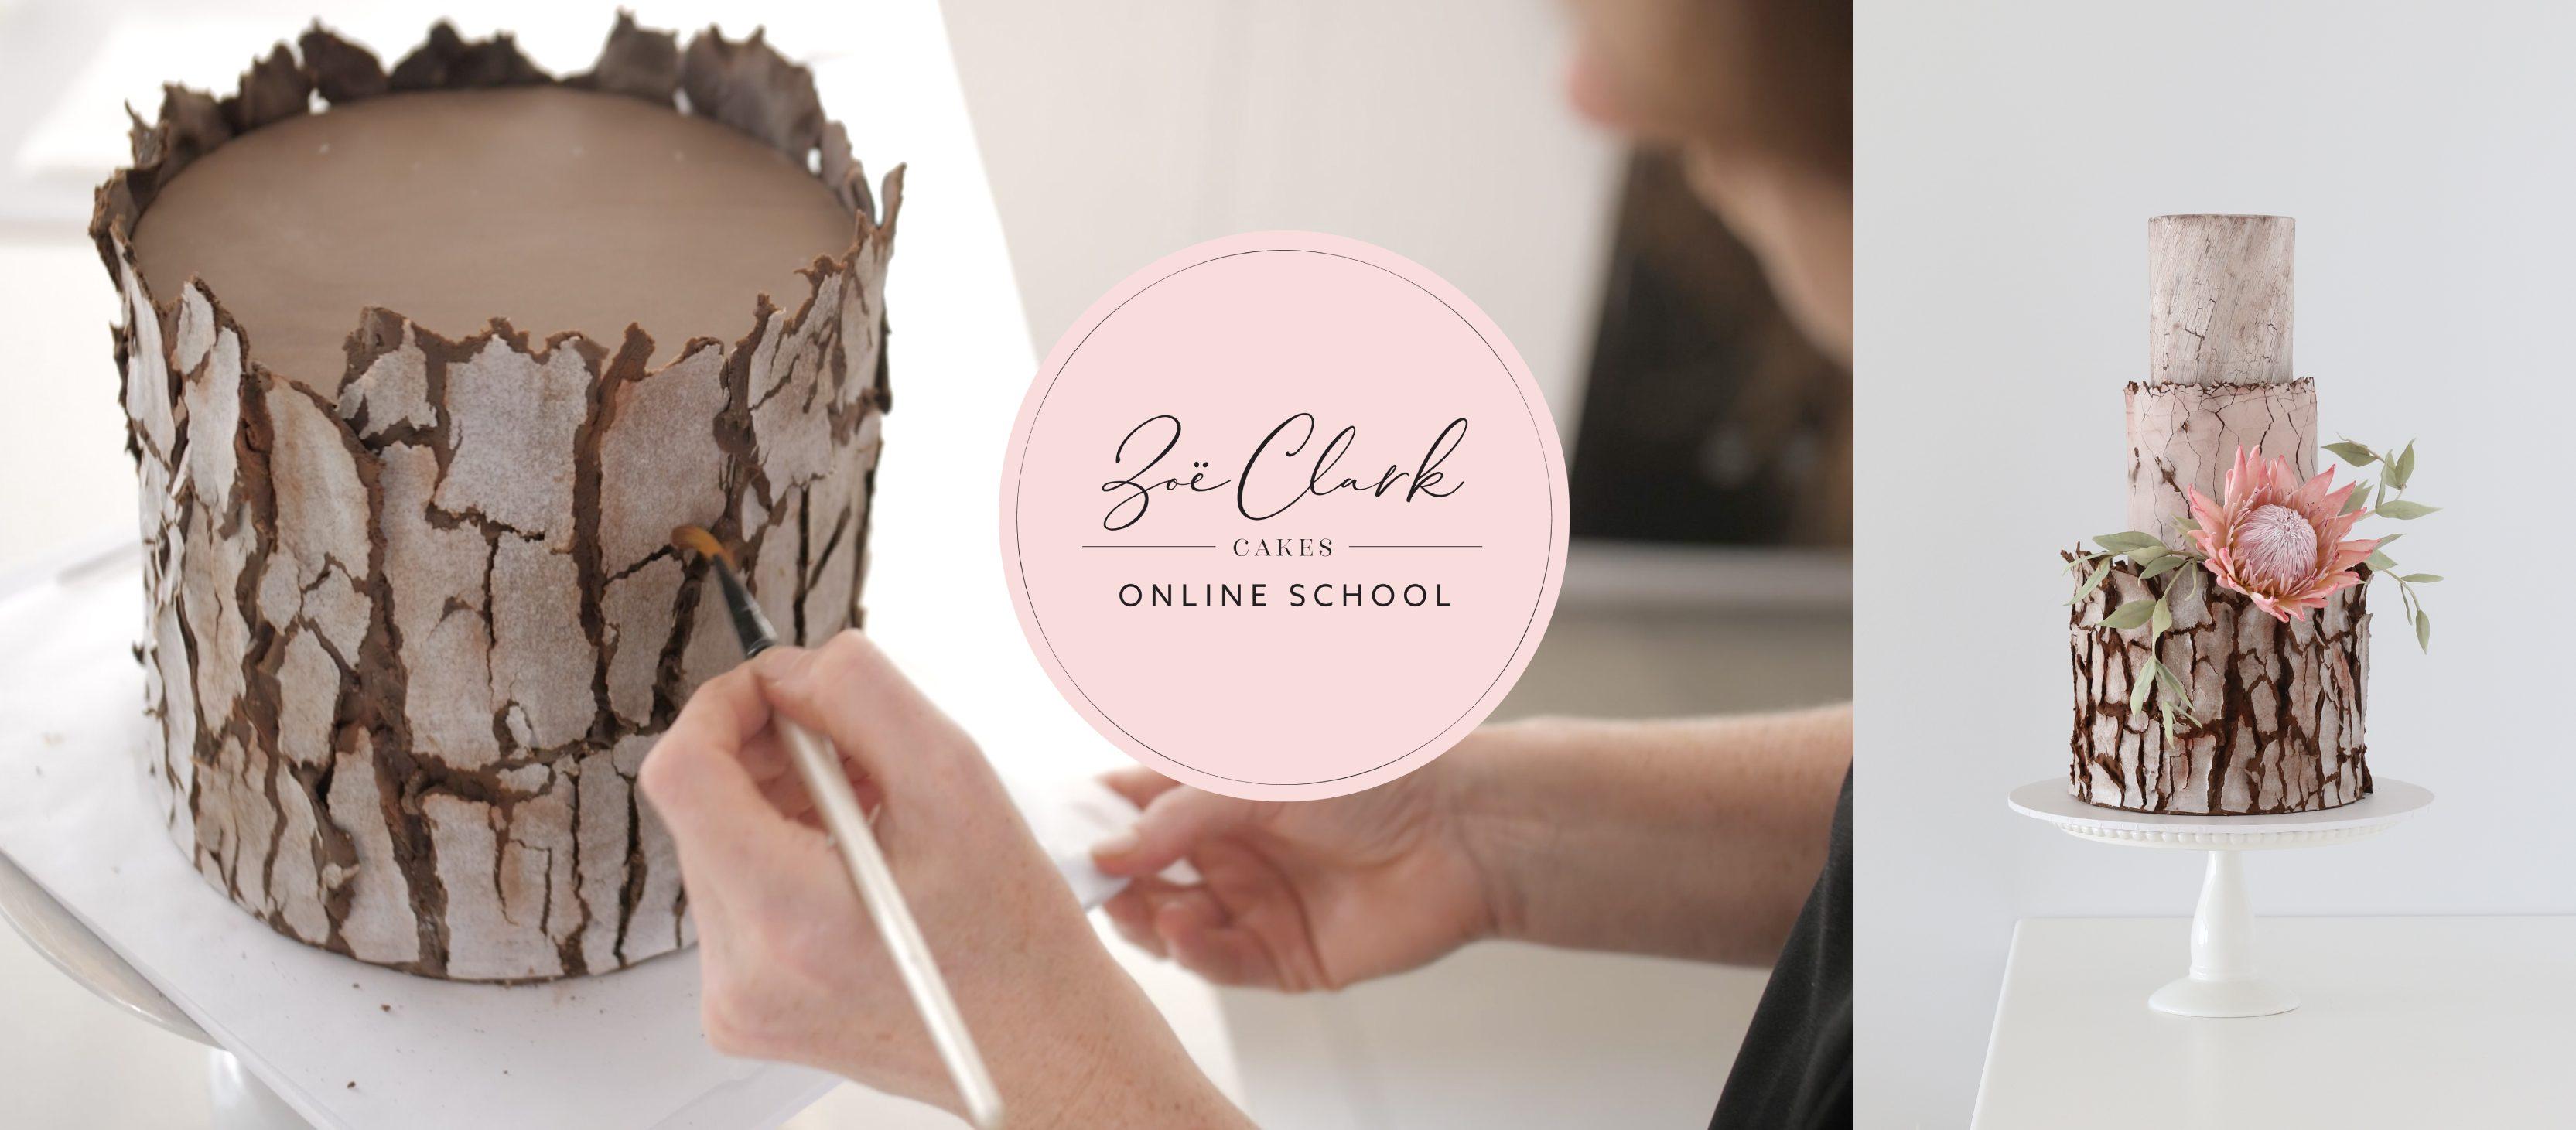 Zoe Clark Cakes online school